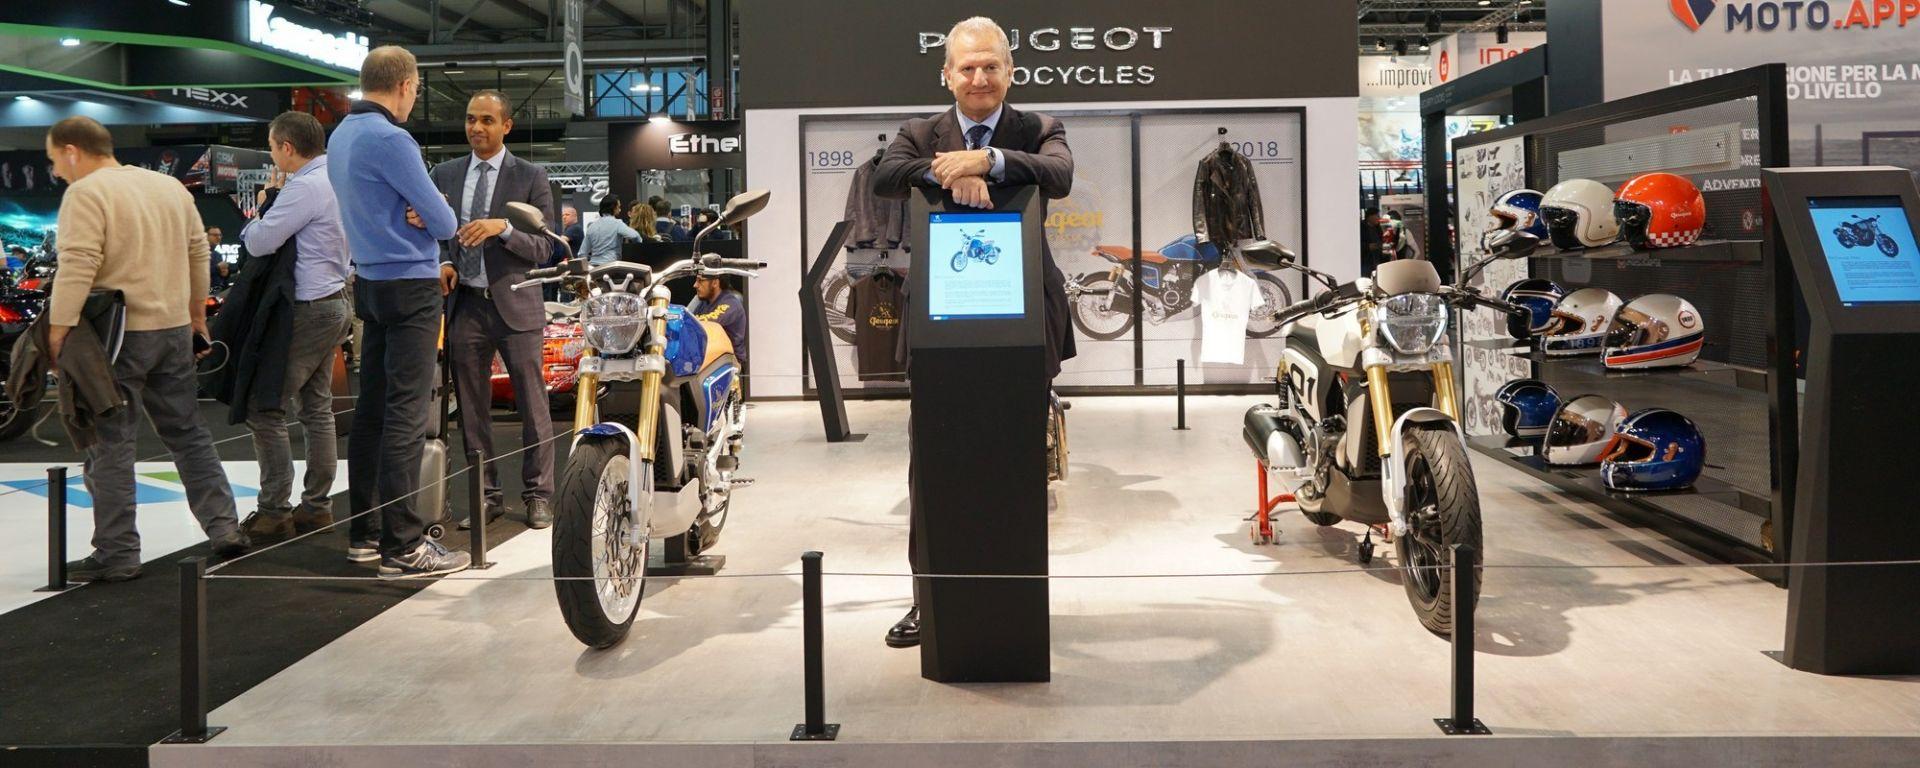 Peugeot 2018: elettrificazione, nuovi motori e nuovi telai [VIDEO]